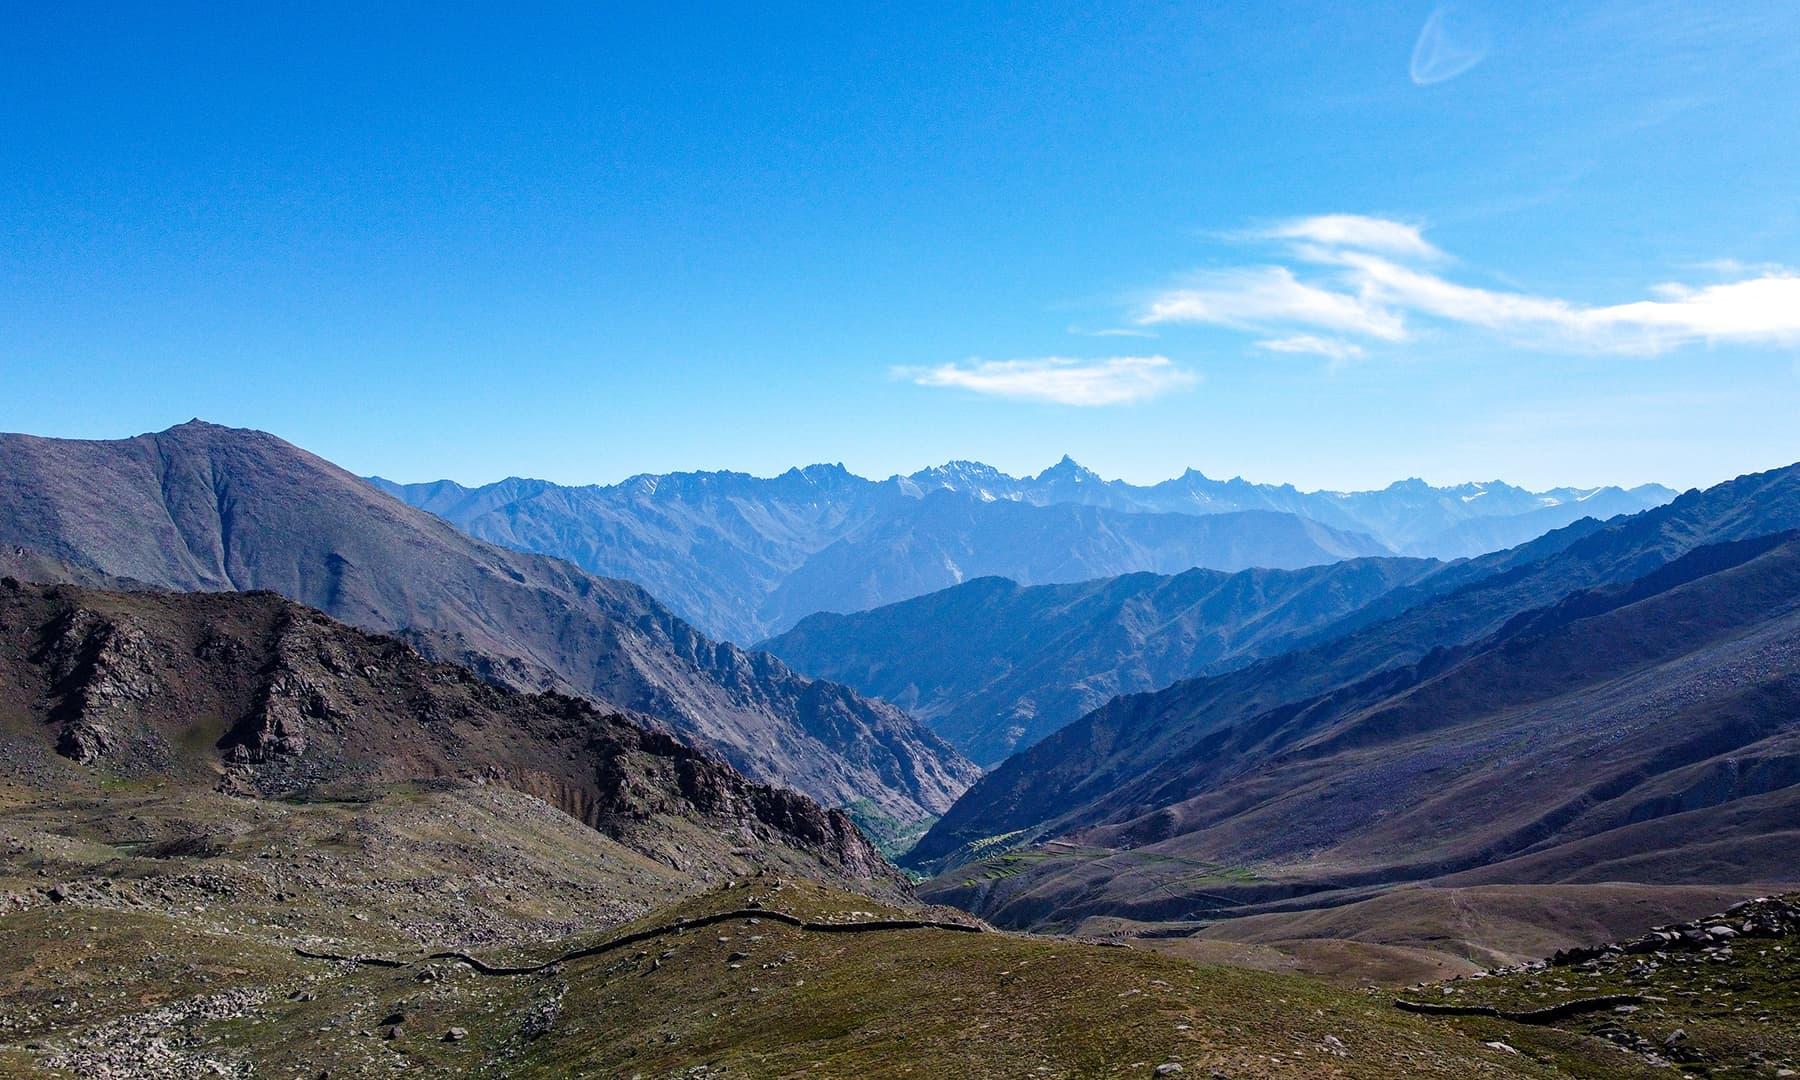 وادی اور قراقرم کے بلند و بالا پہاڑ